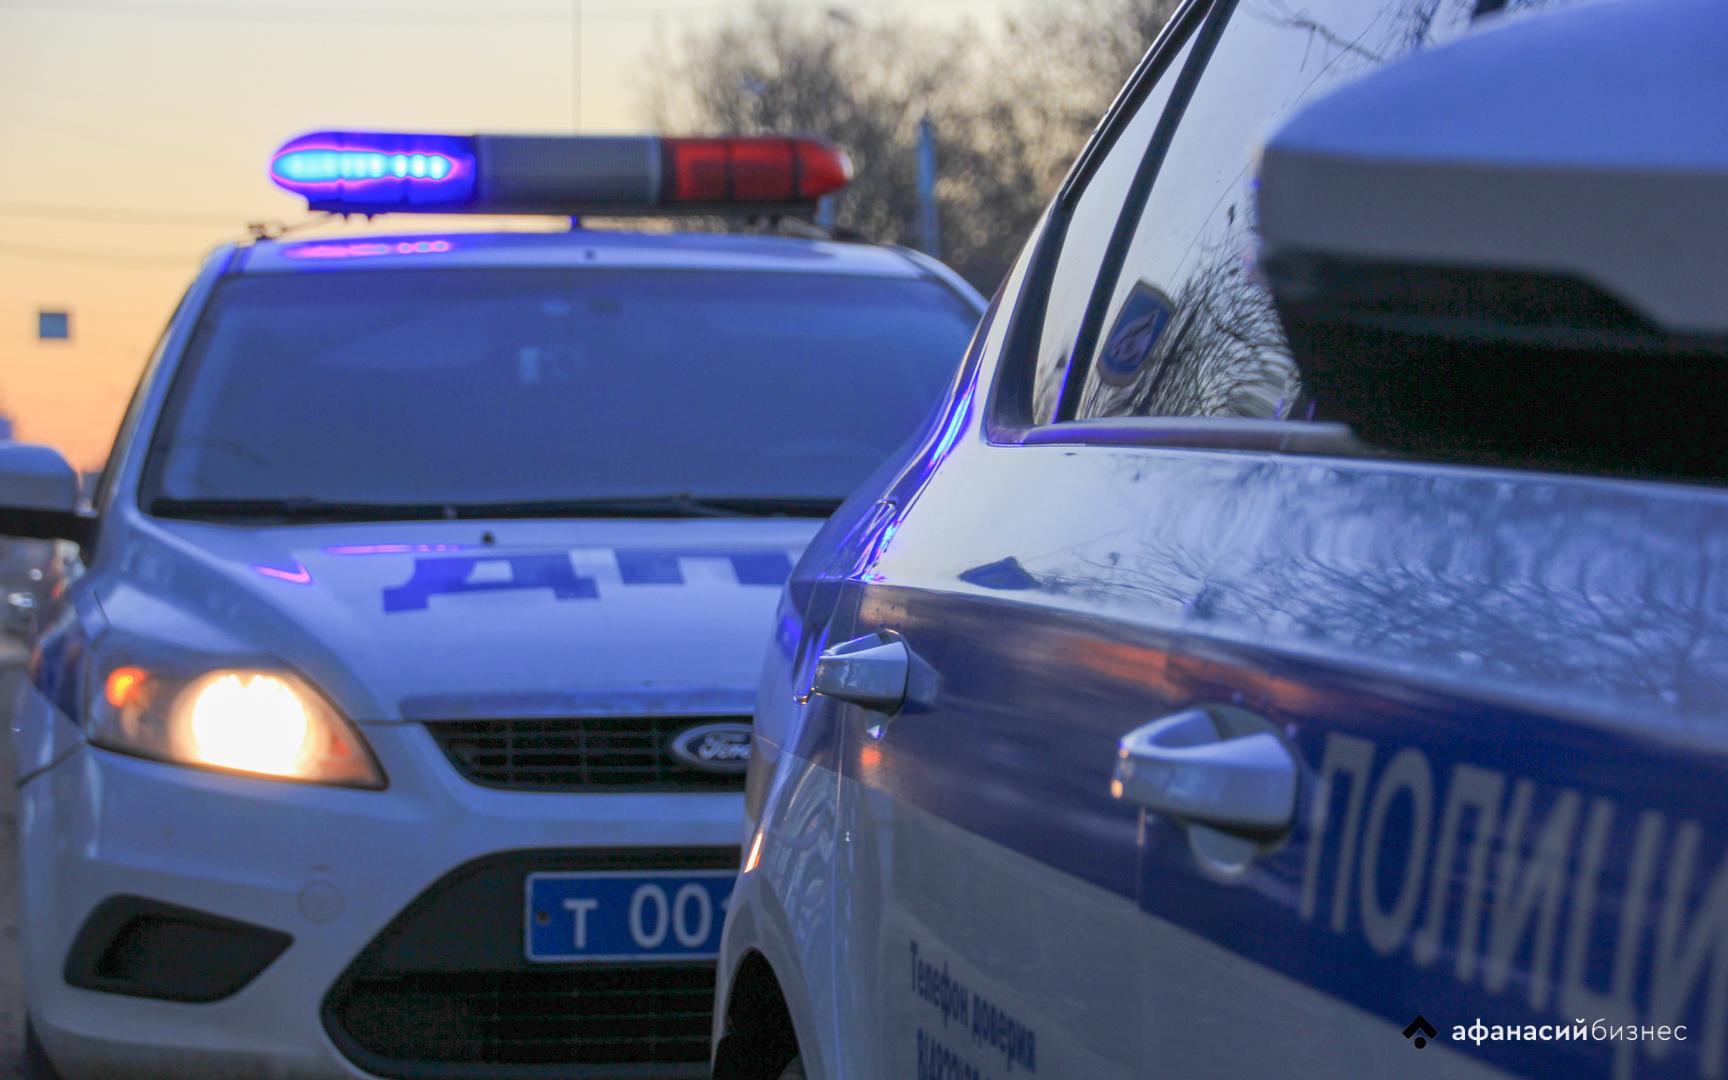 Женщина и 4-летний ребенок пострадали в ДТП на трассе М9 в Тверсой области